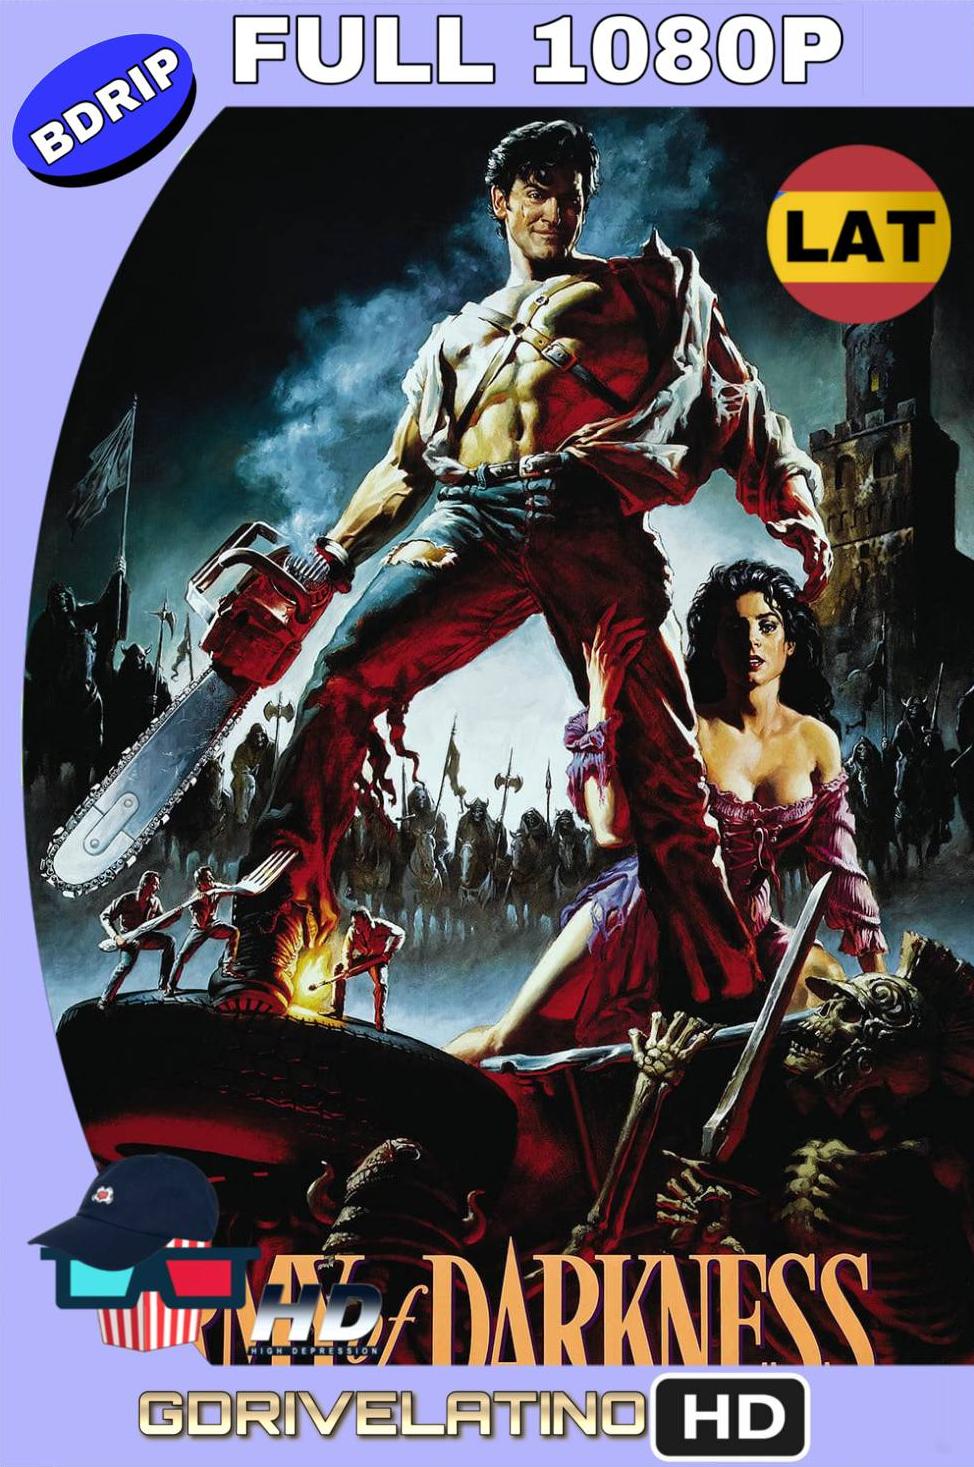 Evil Dead 3 El Ejercito De Las Tinieblas (1992) BDRip FULL 1080p Latino-Ingles MKV